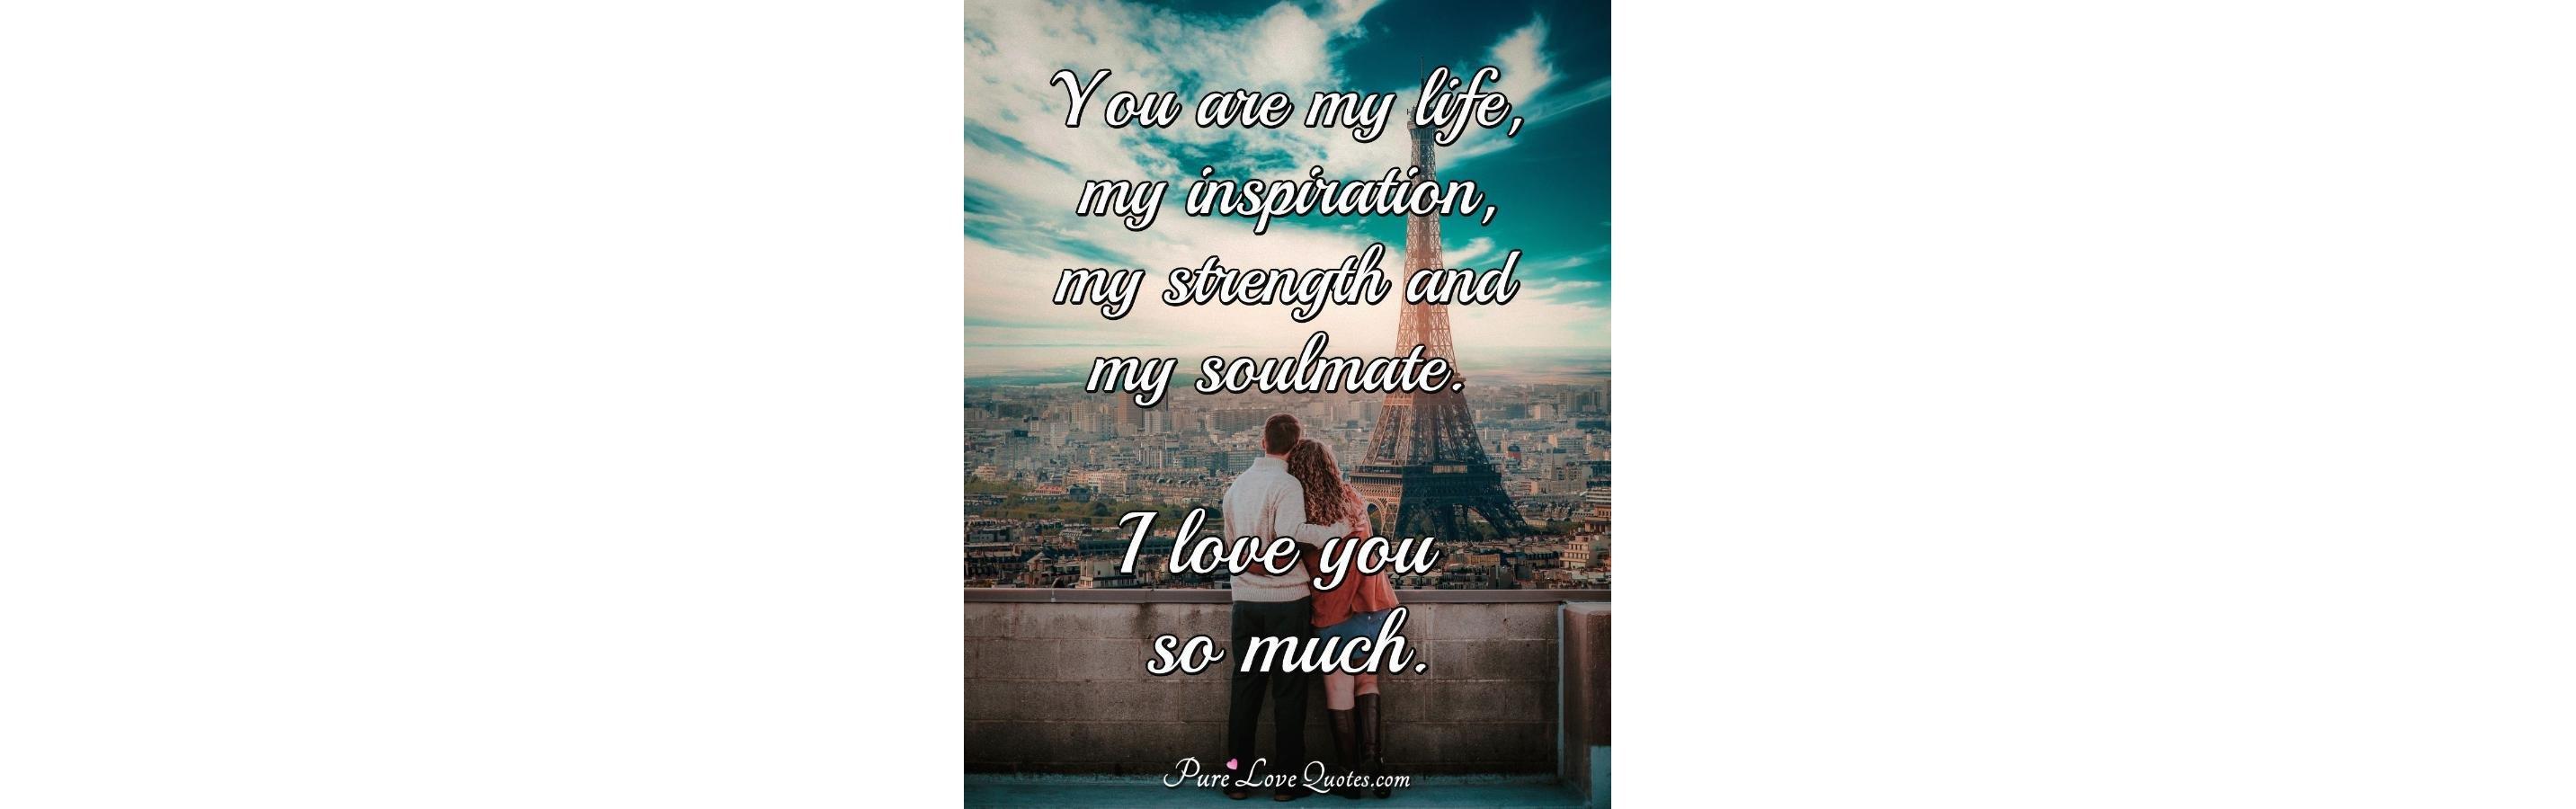 I love you so much sprüche